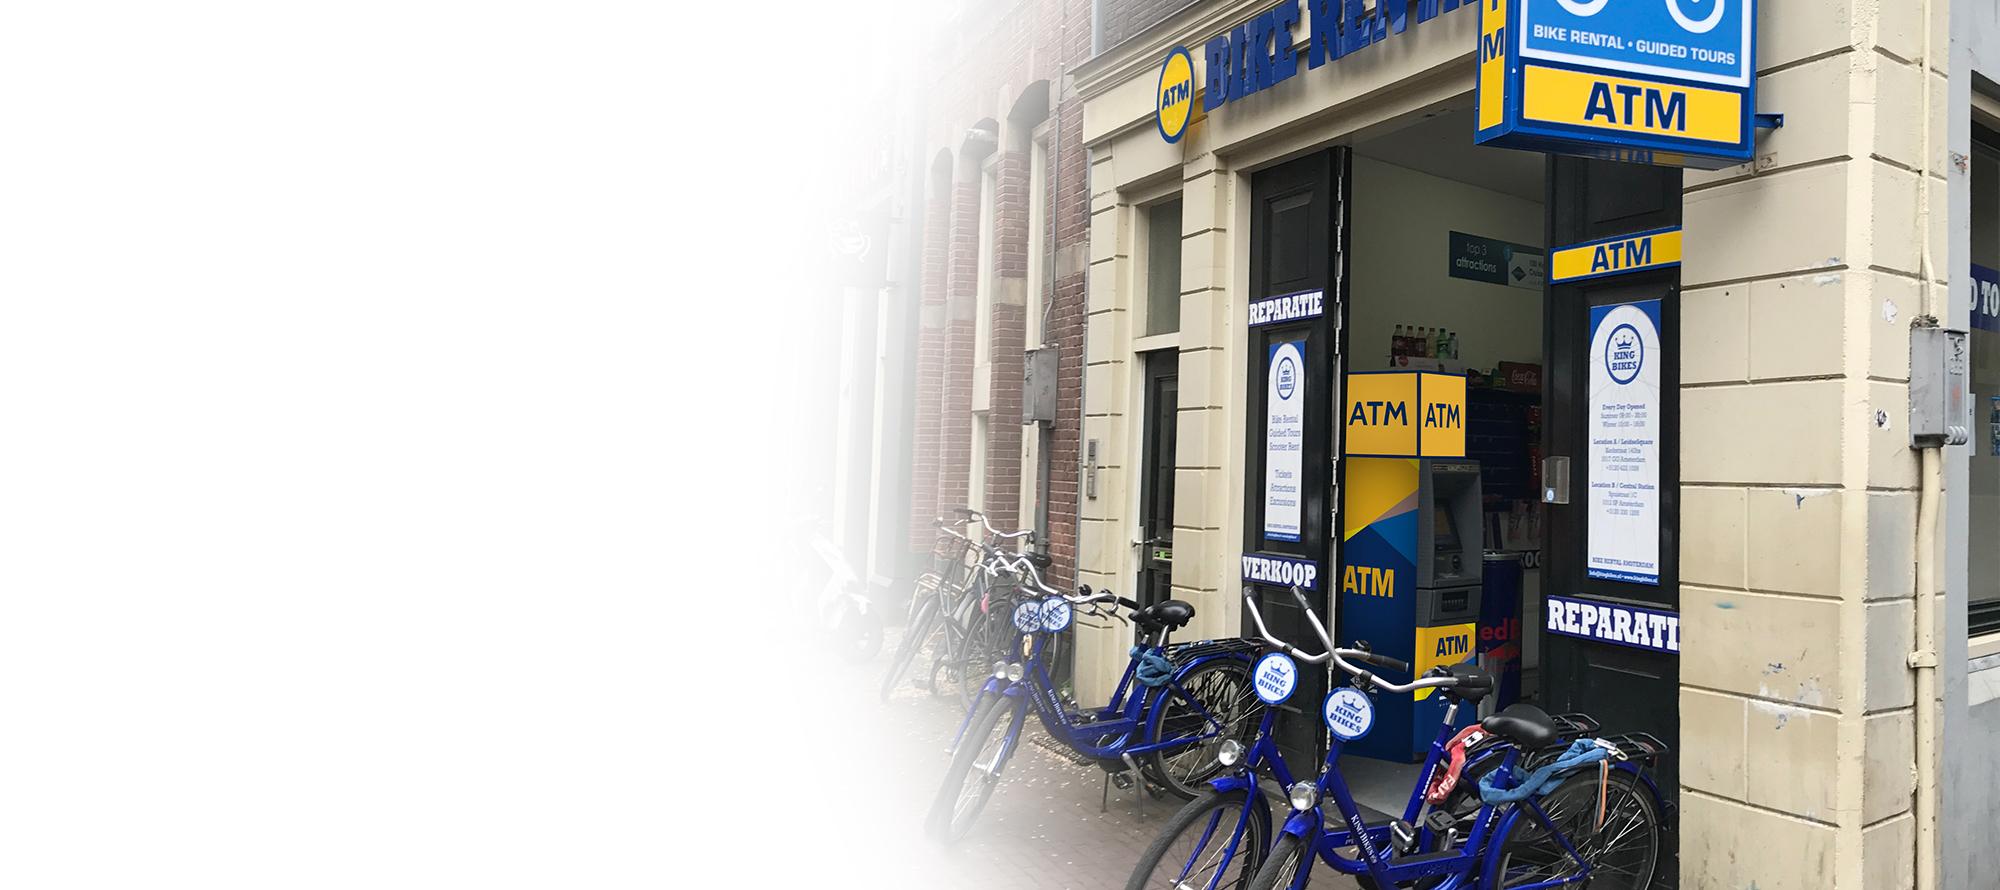 Een Euronet geldautomaat kan uw bedrijf voordelen bieden en klanten eenvoudig toegang bieden tot contact geld.